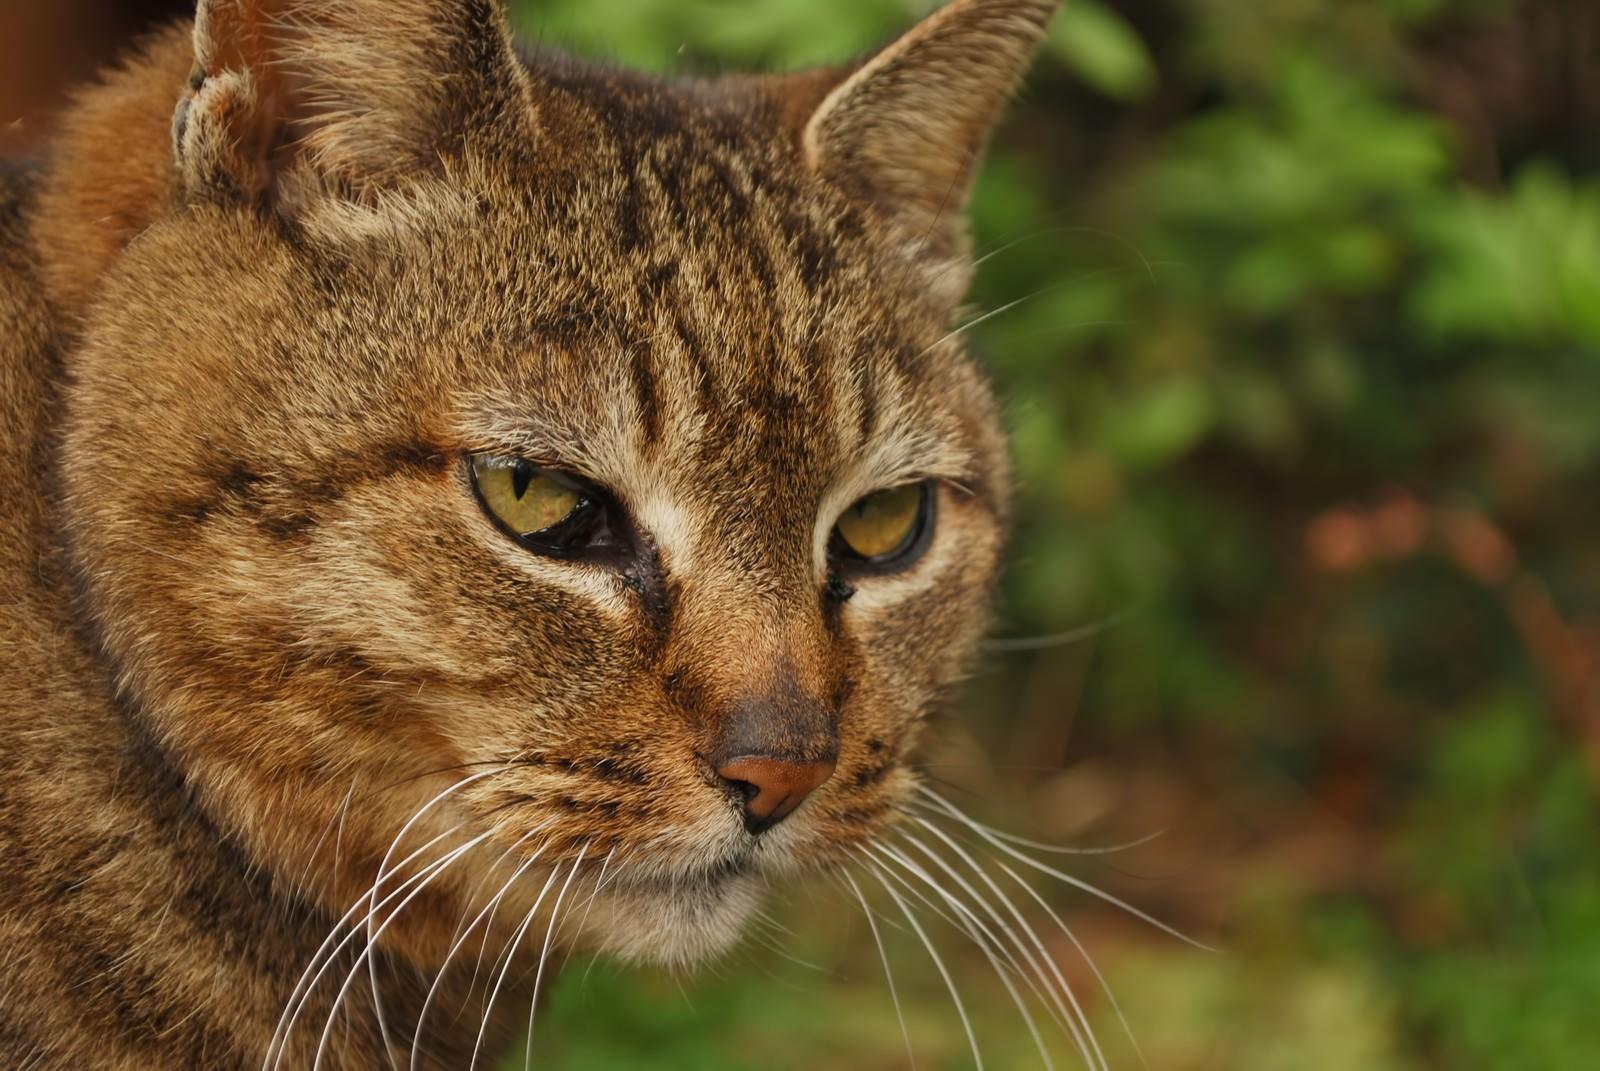 「睨みつける猫」の写真